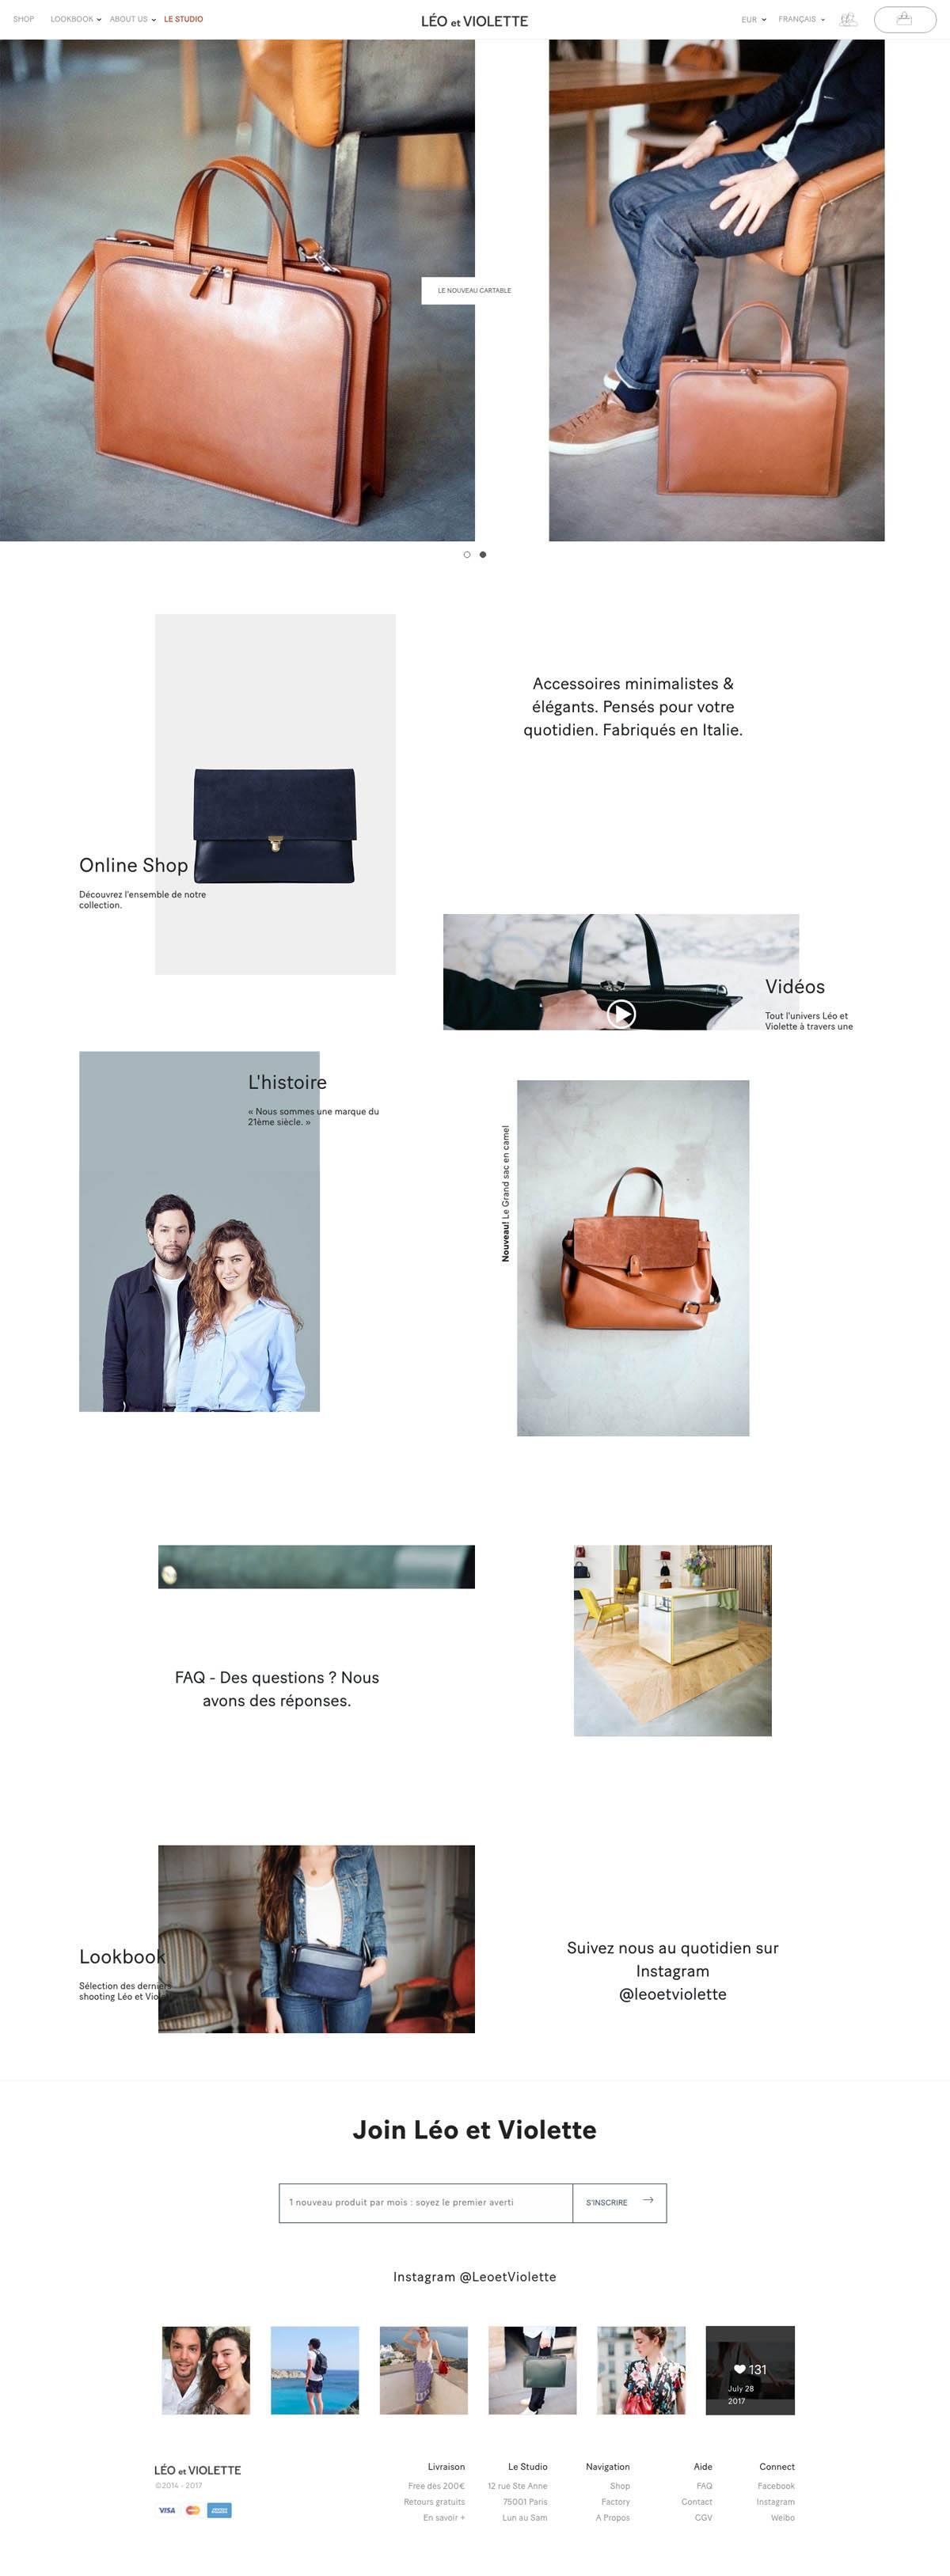 eCommerce website: Leo et Violette